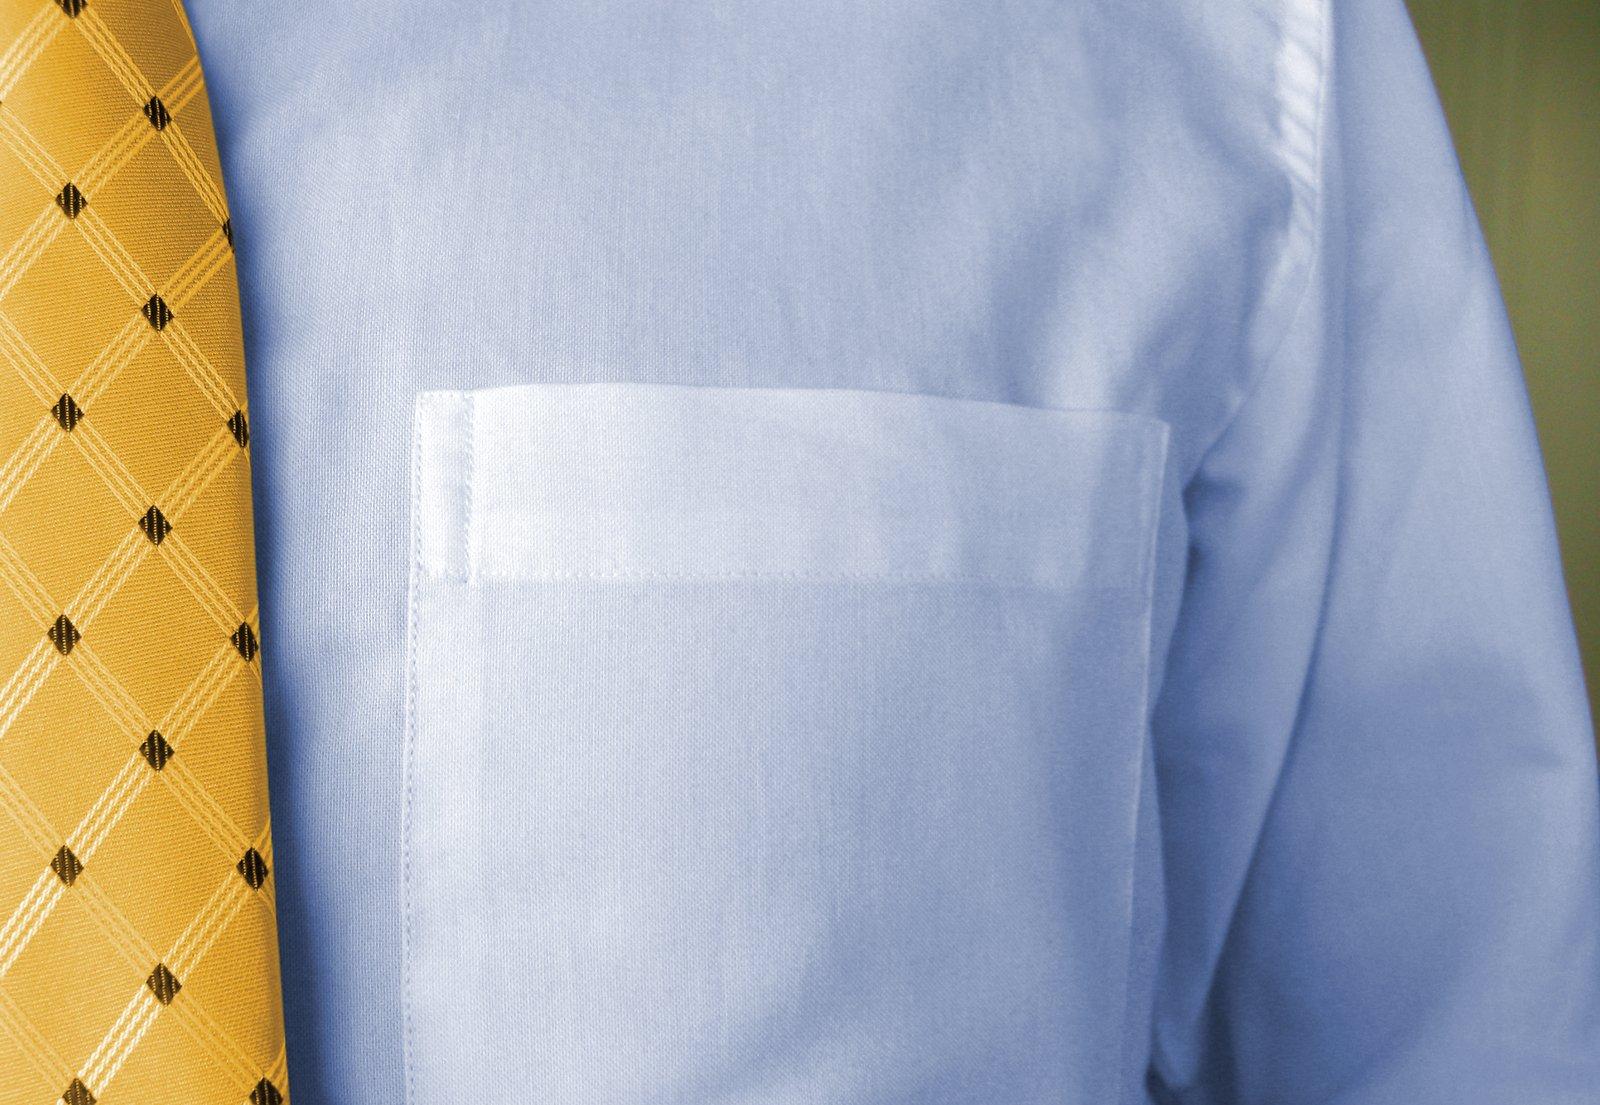 unpatterned-shirt-fabrics